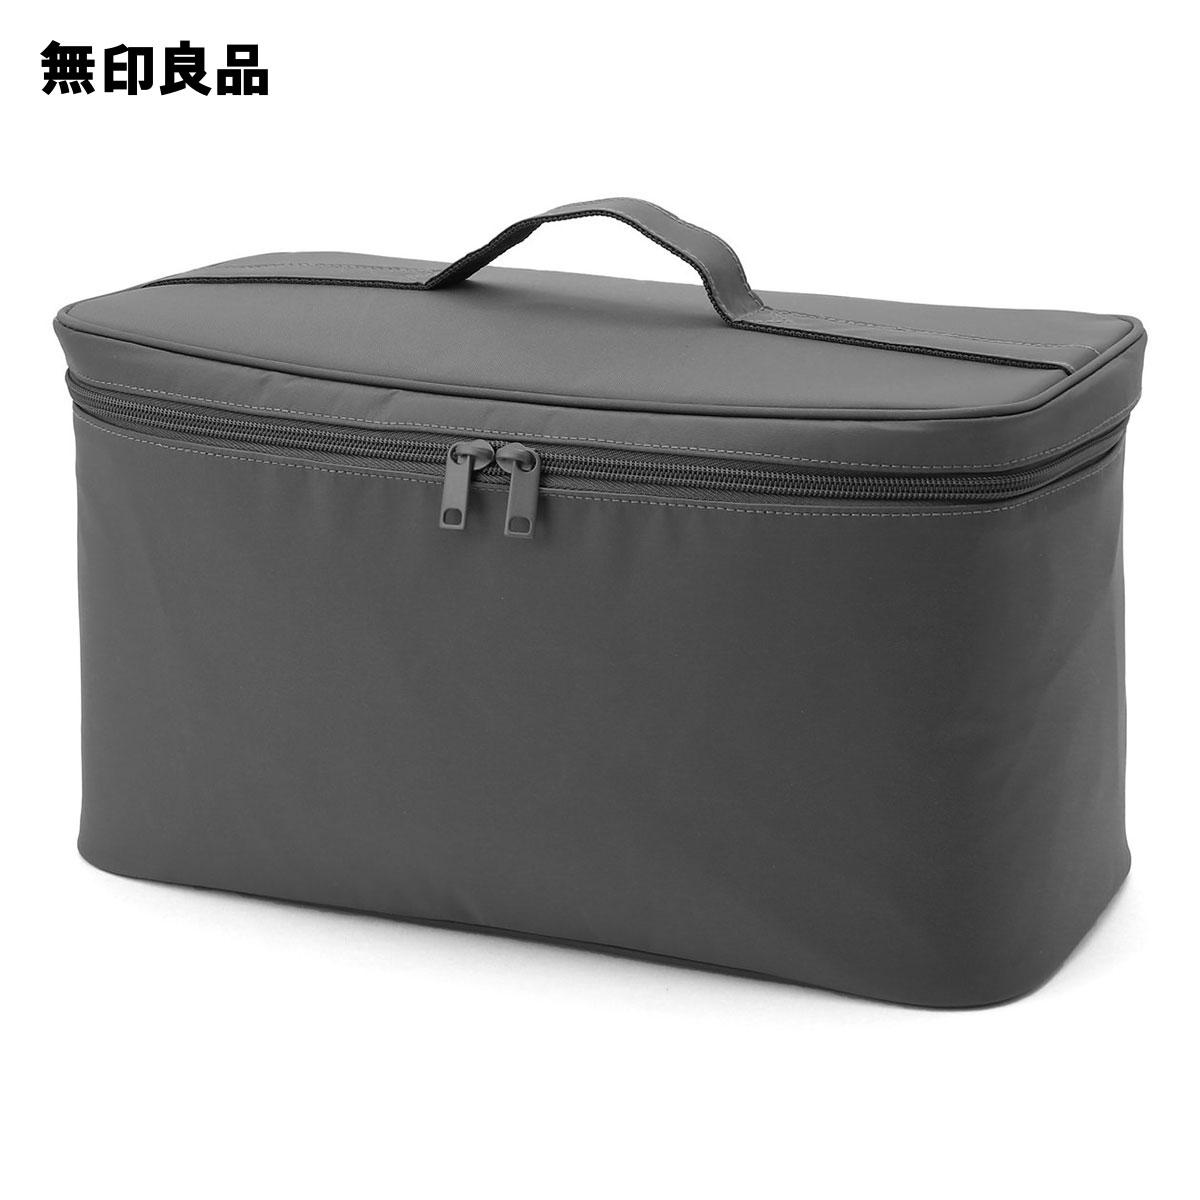 【無印良品 公式】 ナイロンメイクボックス・L グレー